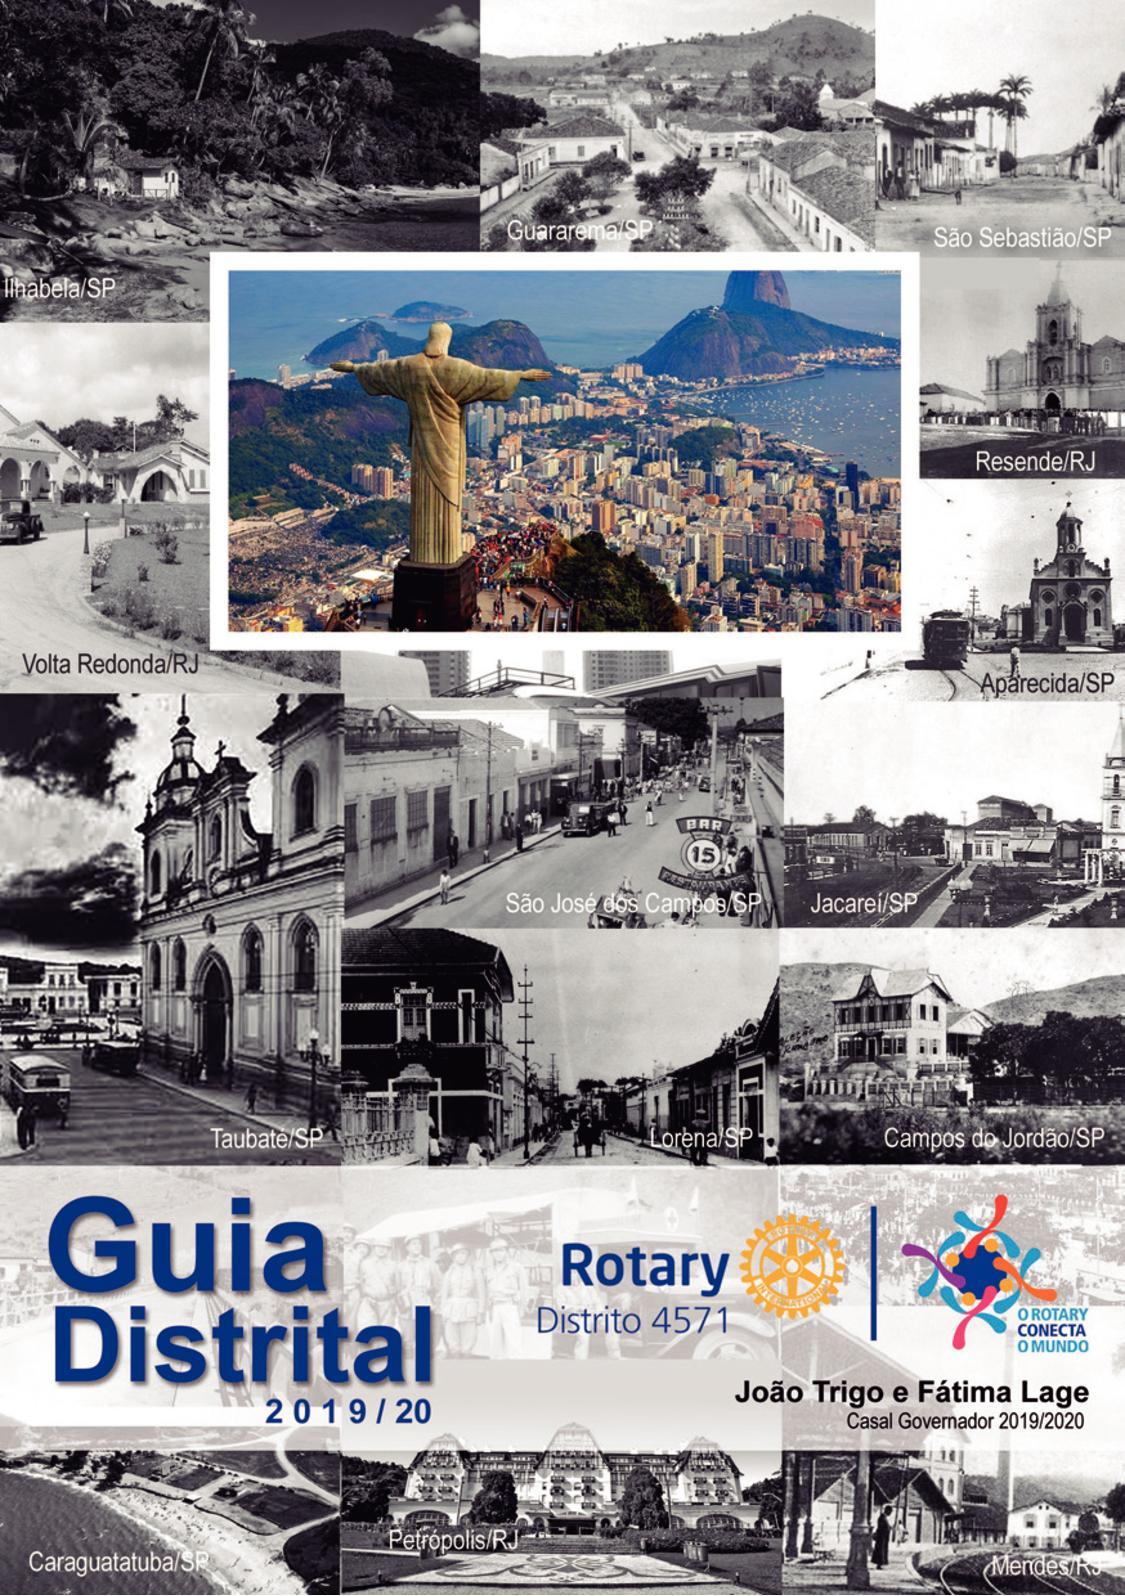 GUIA DISTRITAL 2019 20 - DISTRITO 4571